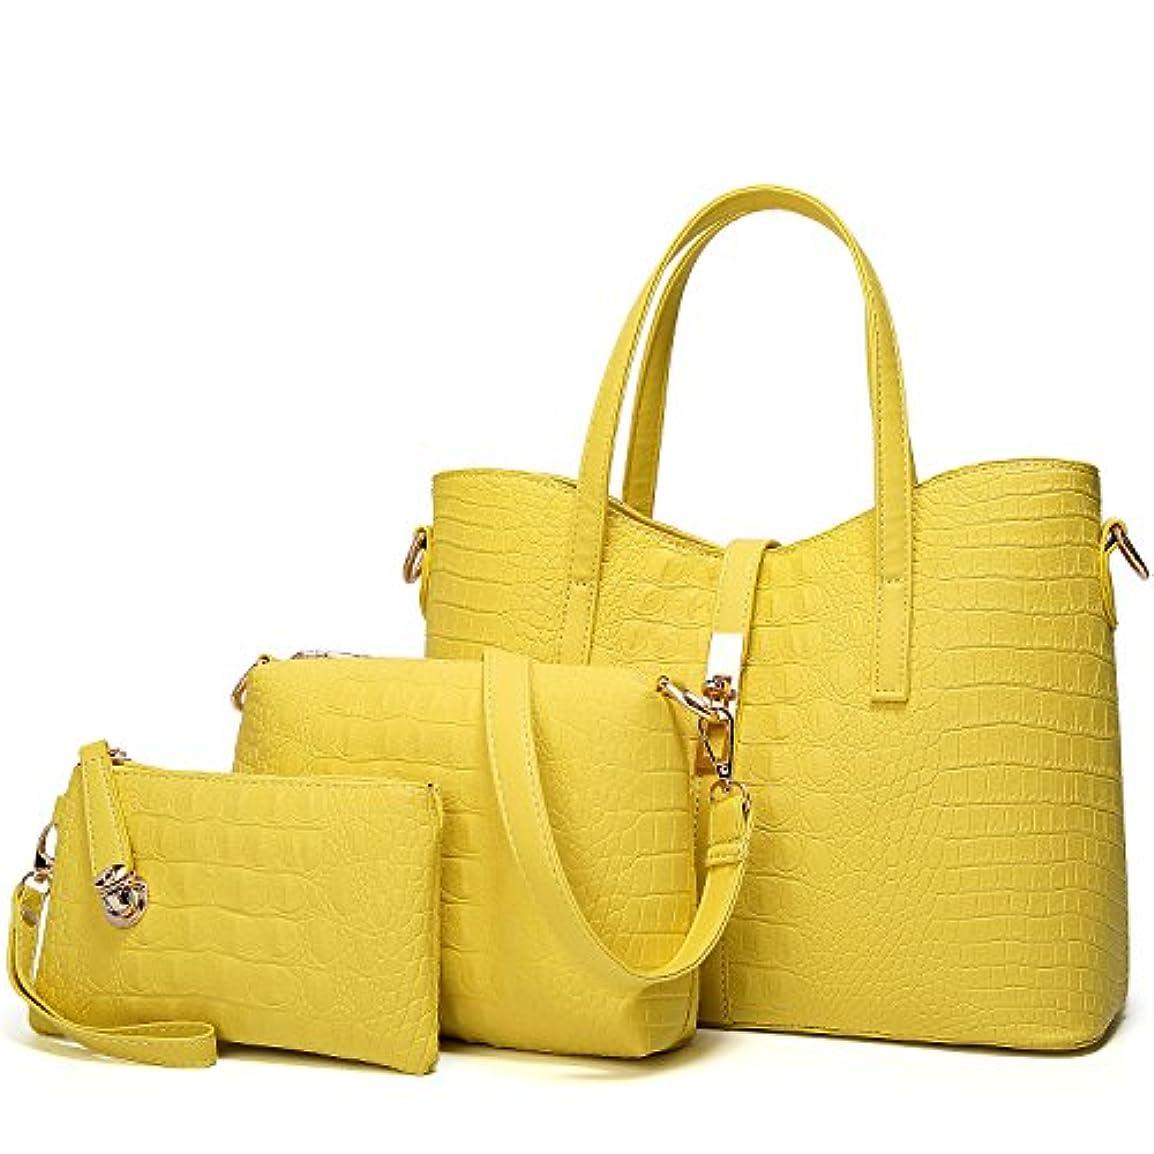 殉教者バングラデシュせっかち[TcIFE] ハンドバッグ レディース トートバッグ 大容量 無地 ショルダーバッグ 2way 財布とハンドバッグ